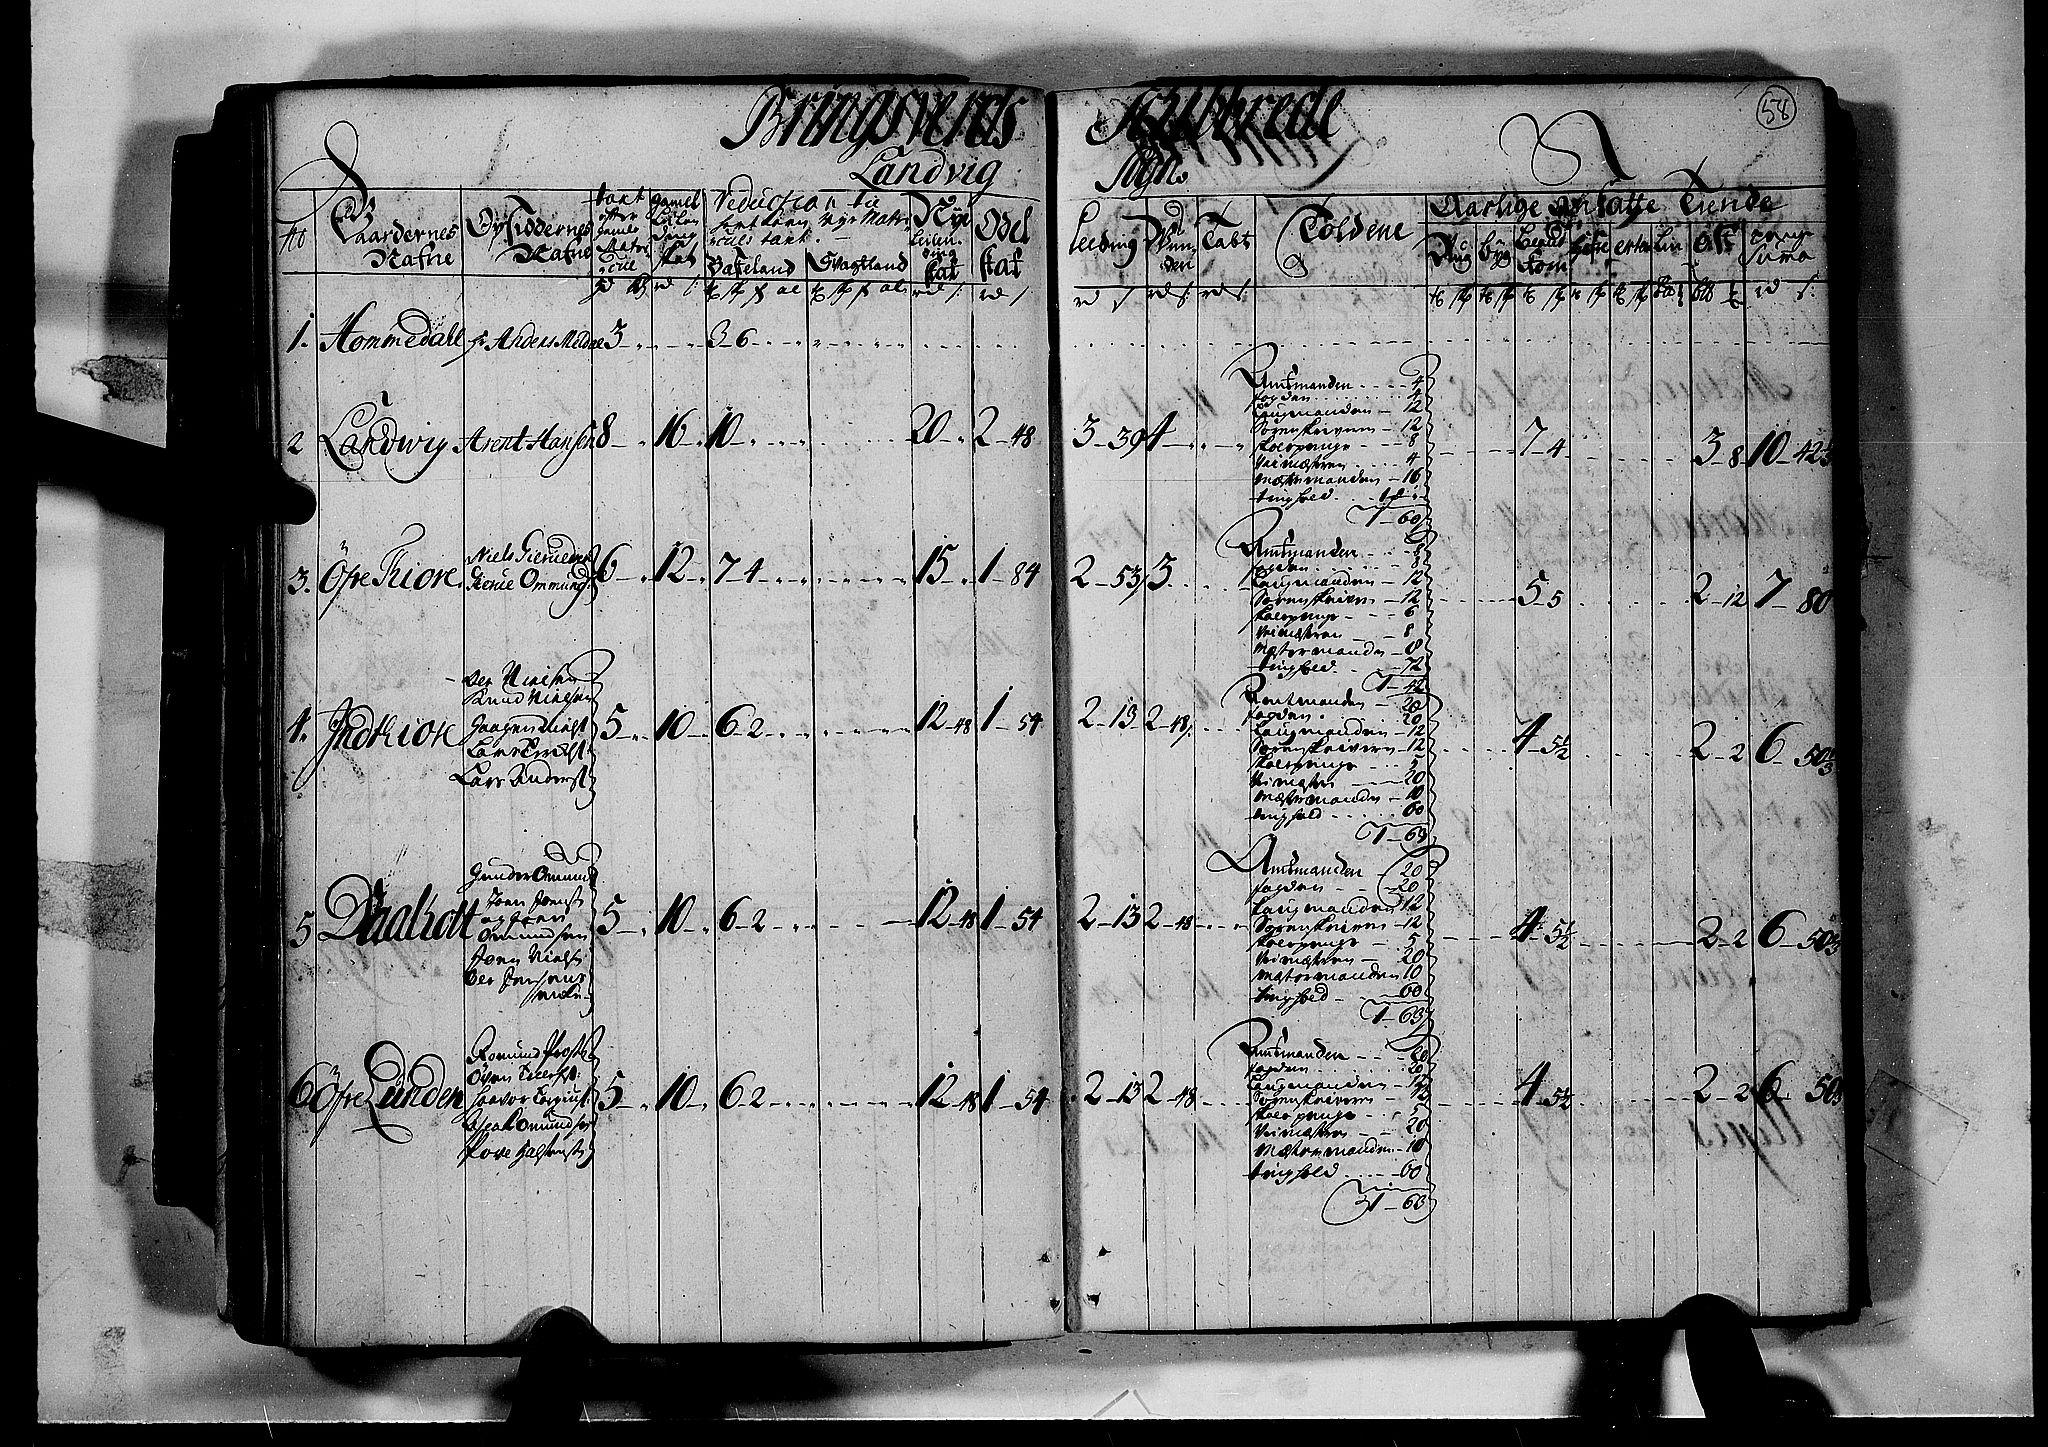 RA, Rentekammeret inntil 1814, Realistisk ordnet avdeling, N/Nb/Nbf/L0124: Nedenes matrikkelprotokoll, 1723, s. 57b-58a